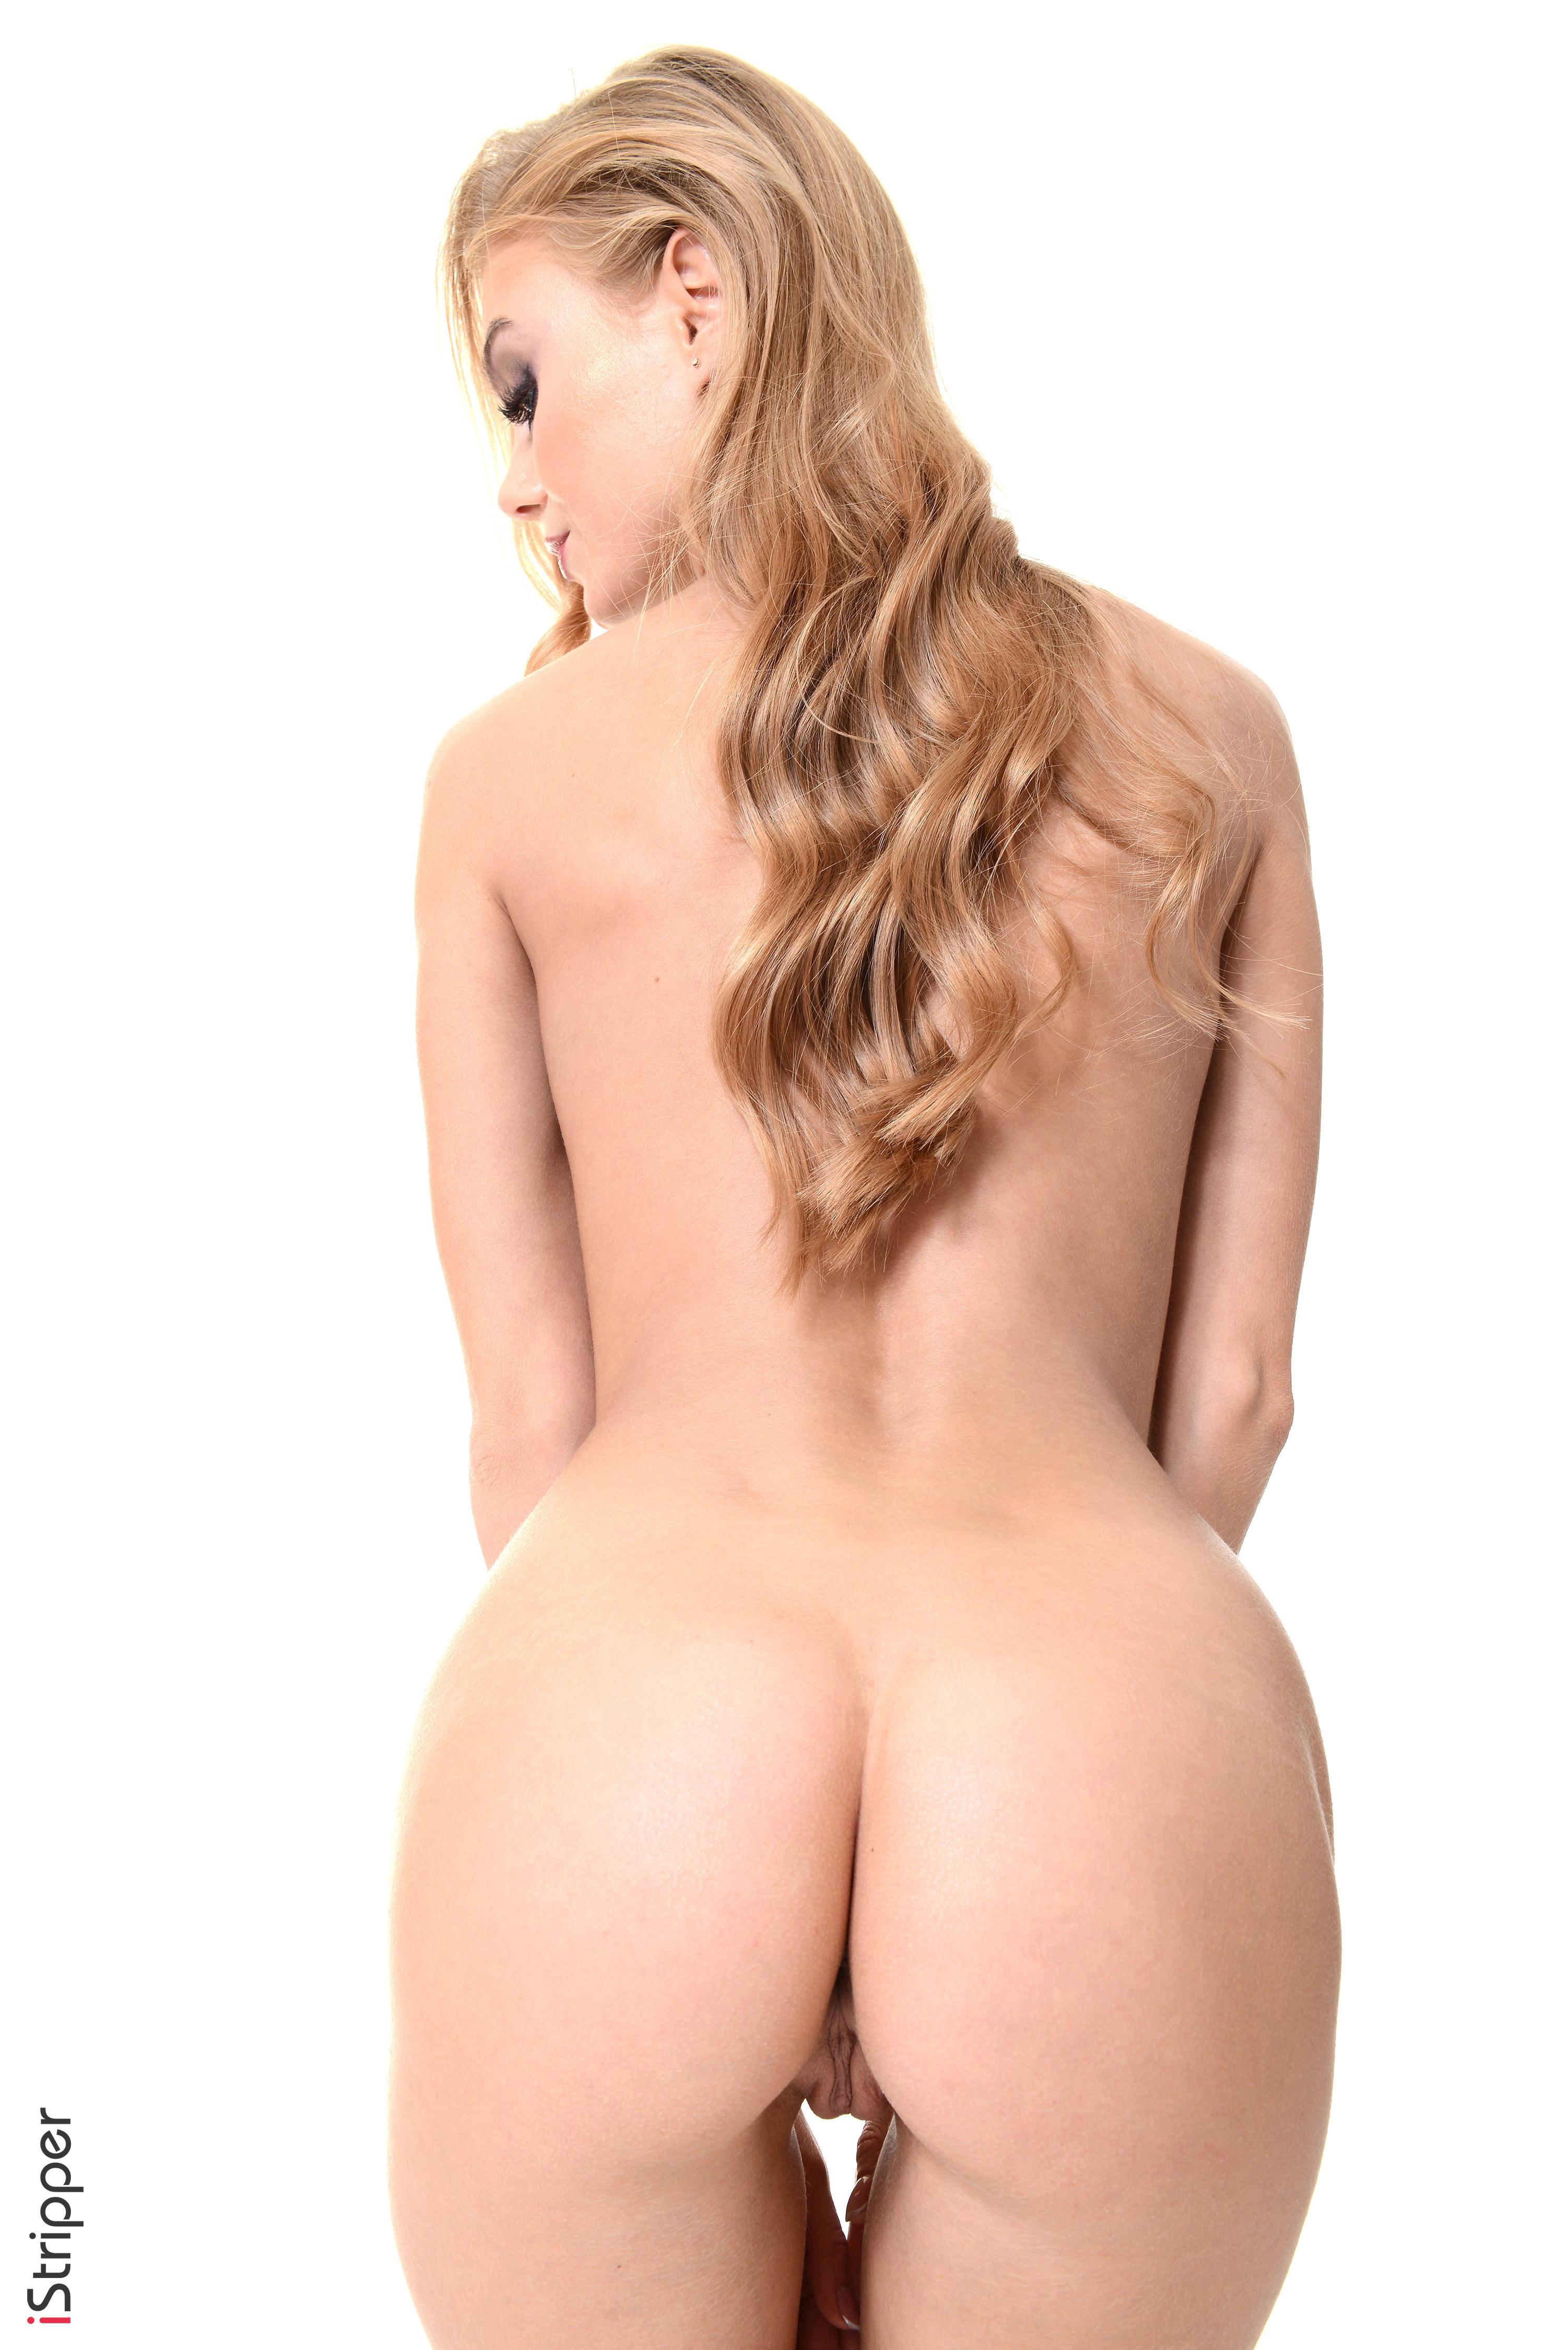 wallpaper sexy women